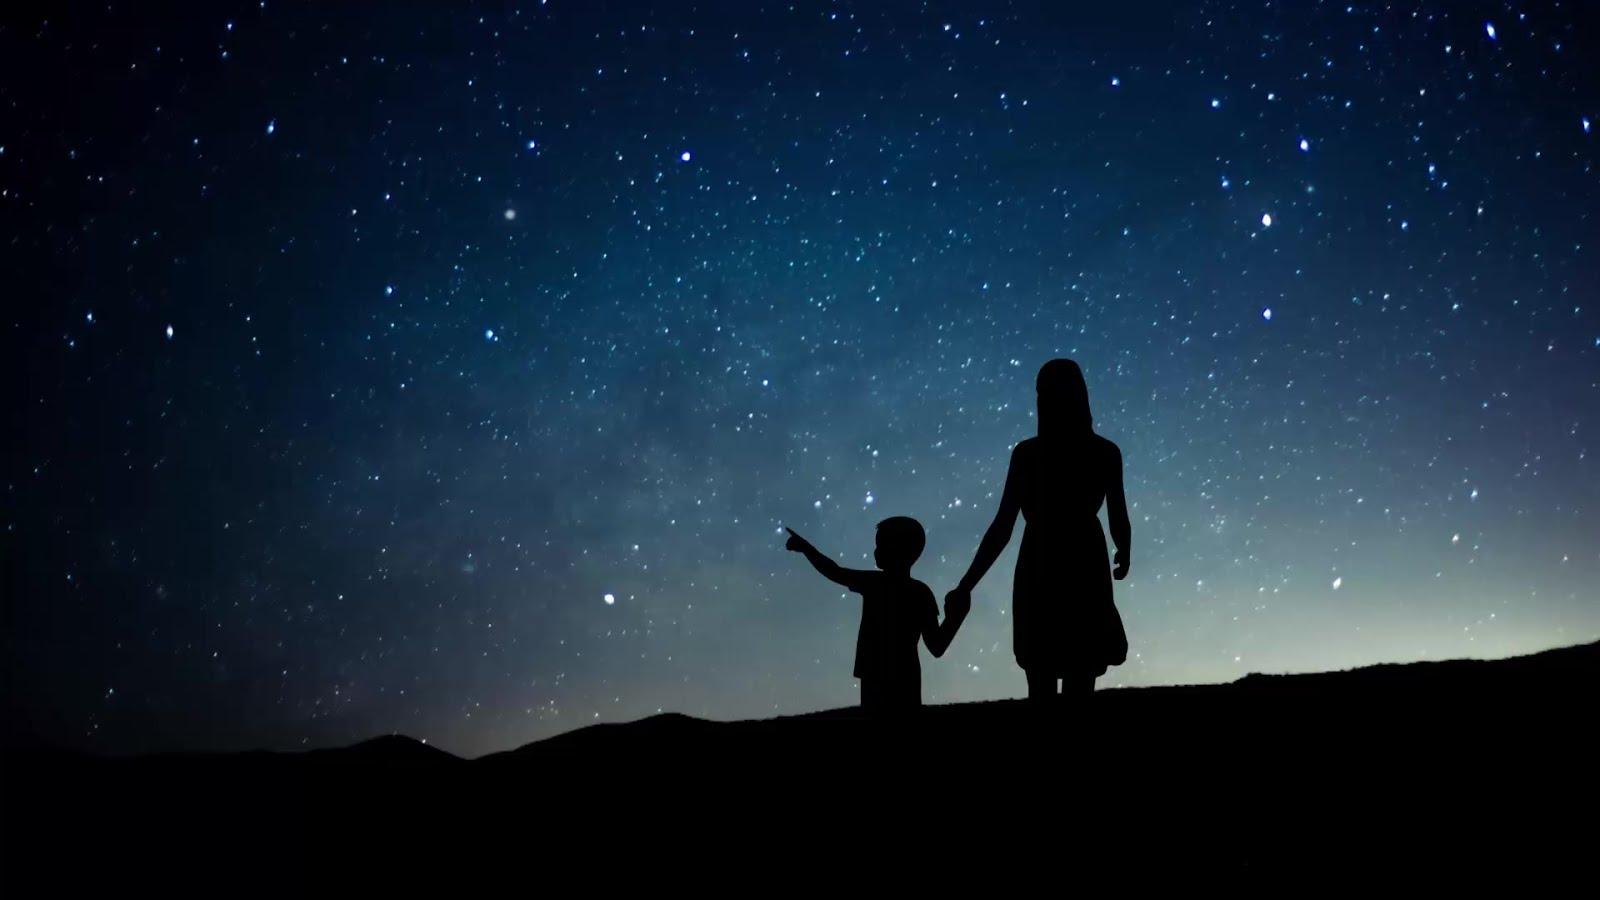 www.thehumanitystar.com